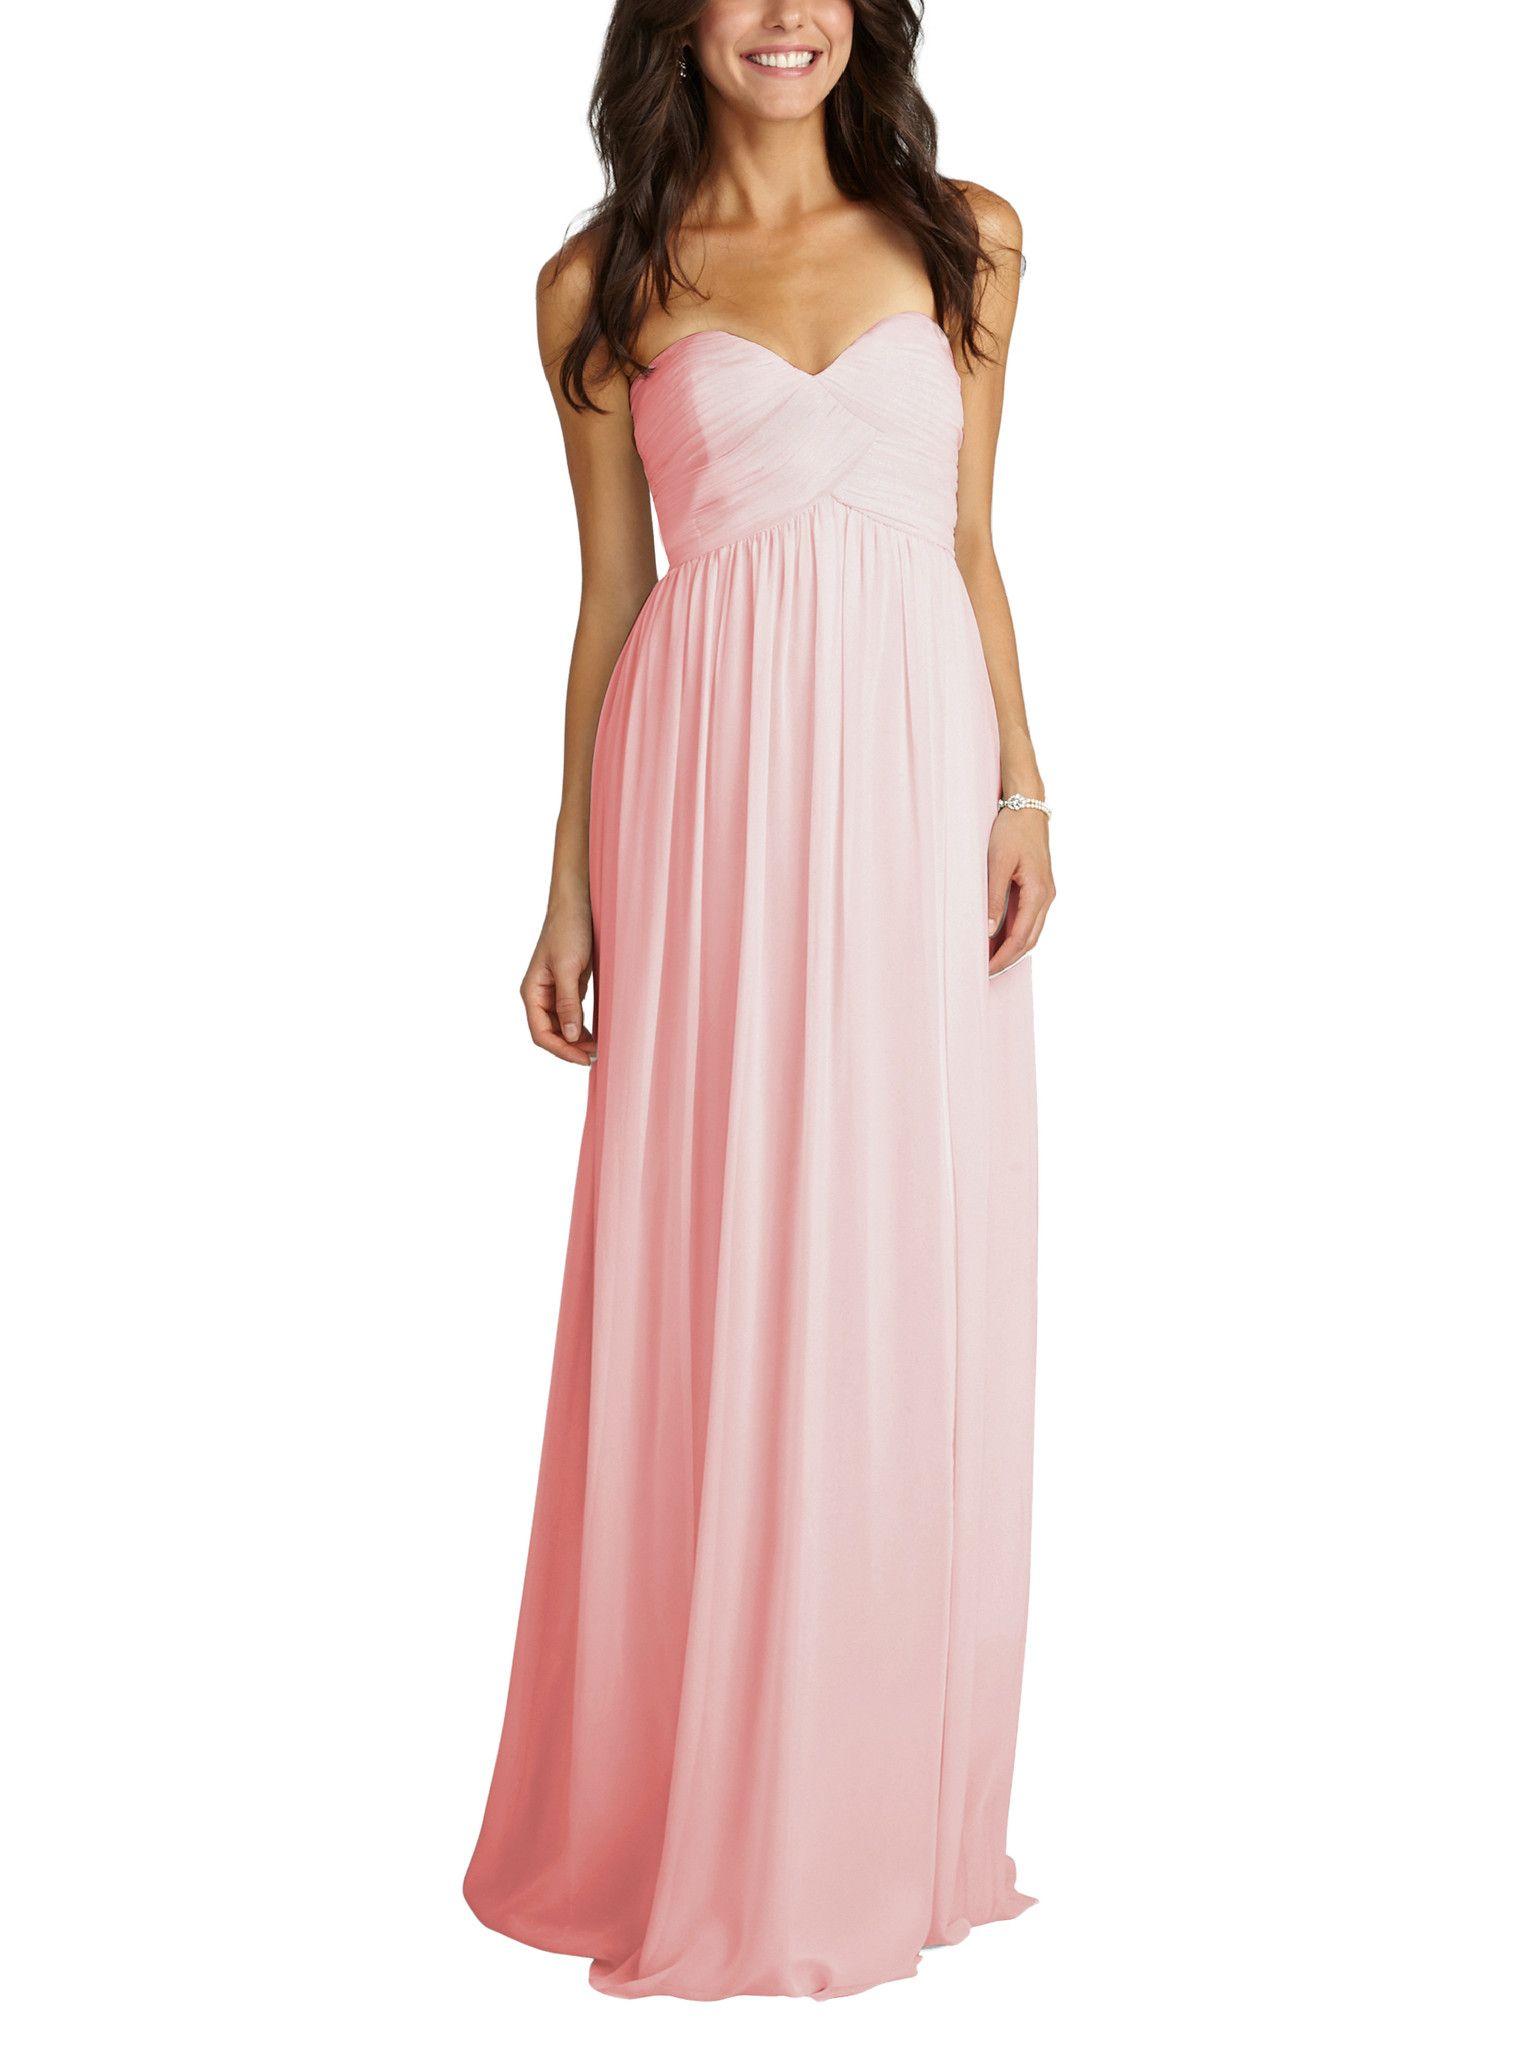 Donna Morgan Laura | Alicia\'s Bridesmaid Dresses | Pinterest